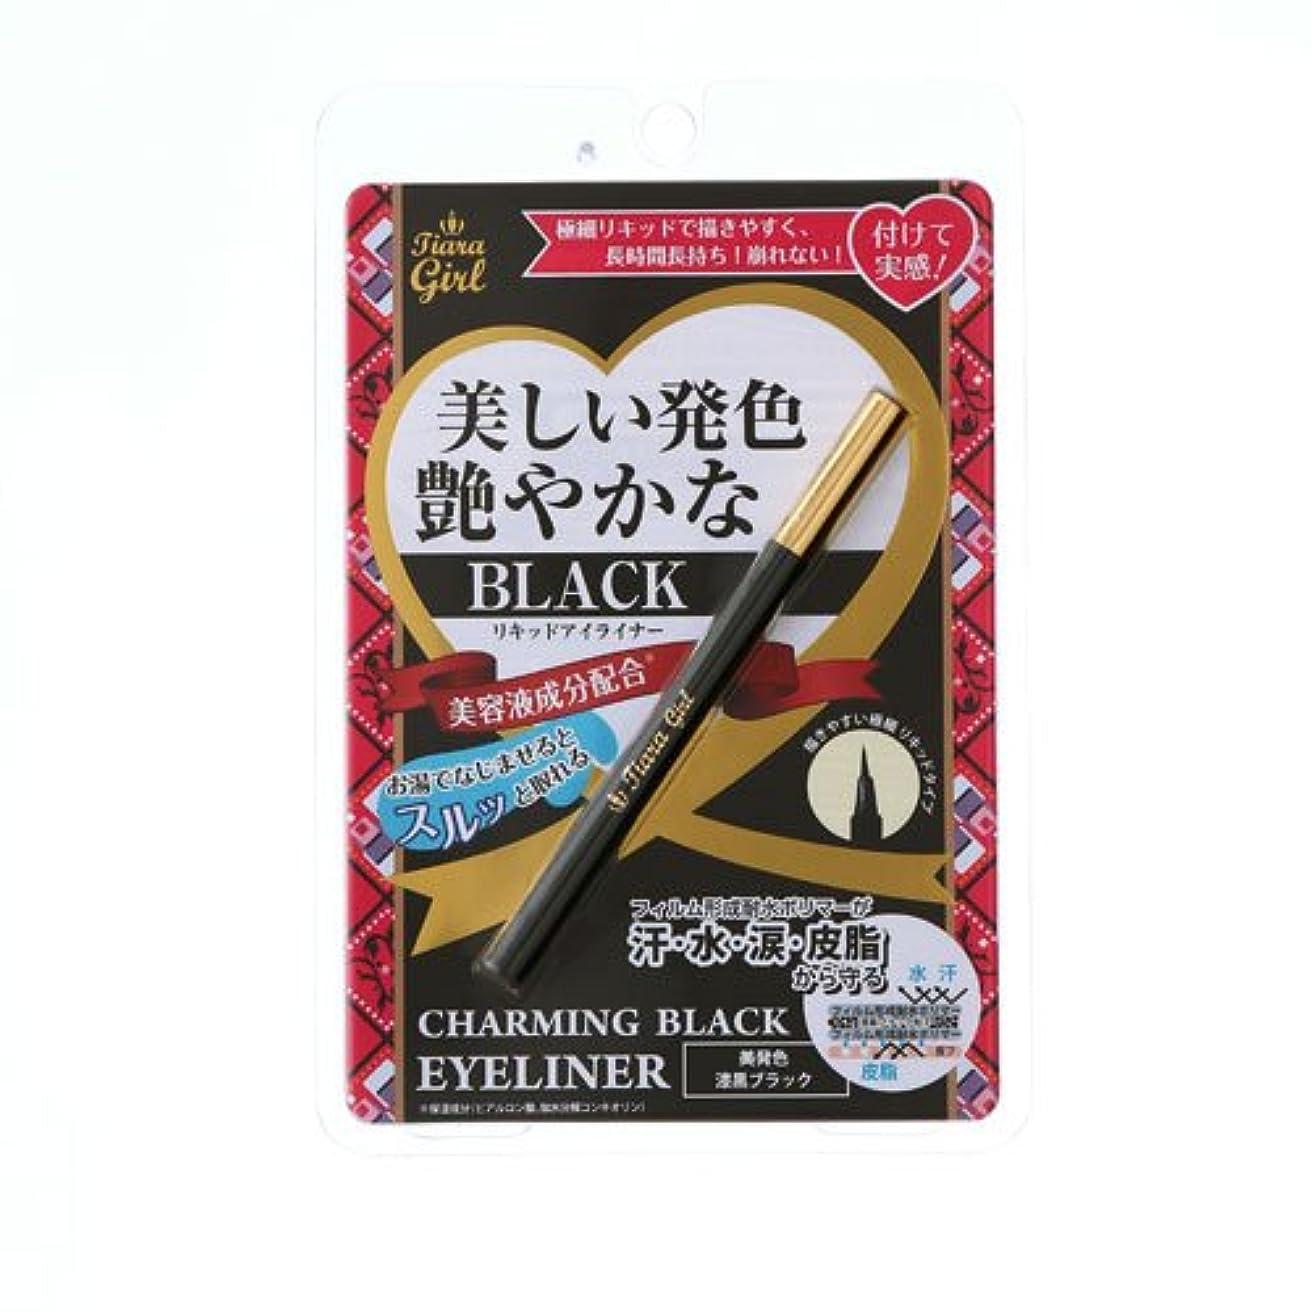 ハーブ通信網持っているお得な2本セット 美容液成分配合 ティアラガール チャーミング ブラック アイライナー 0.4g